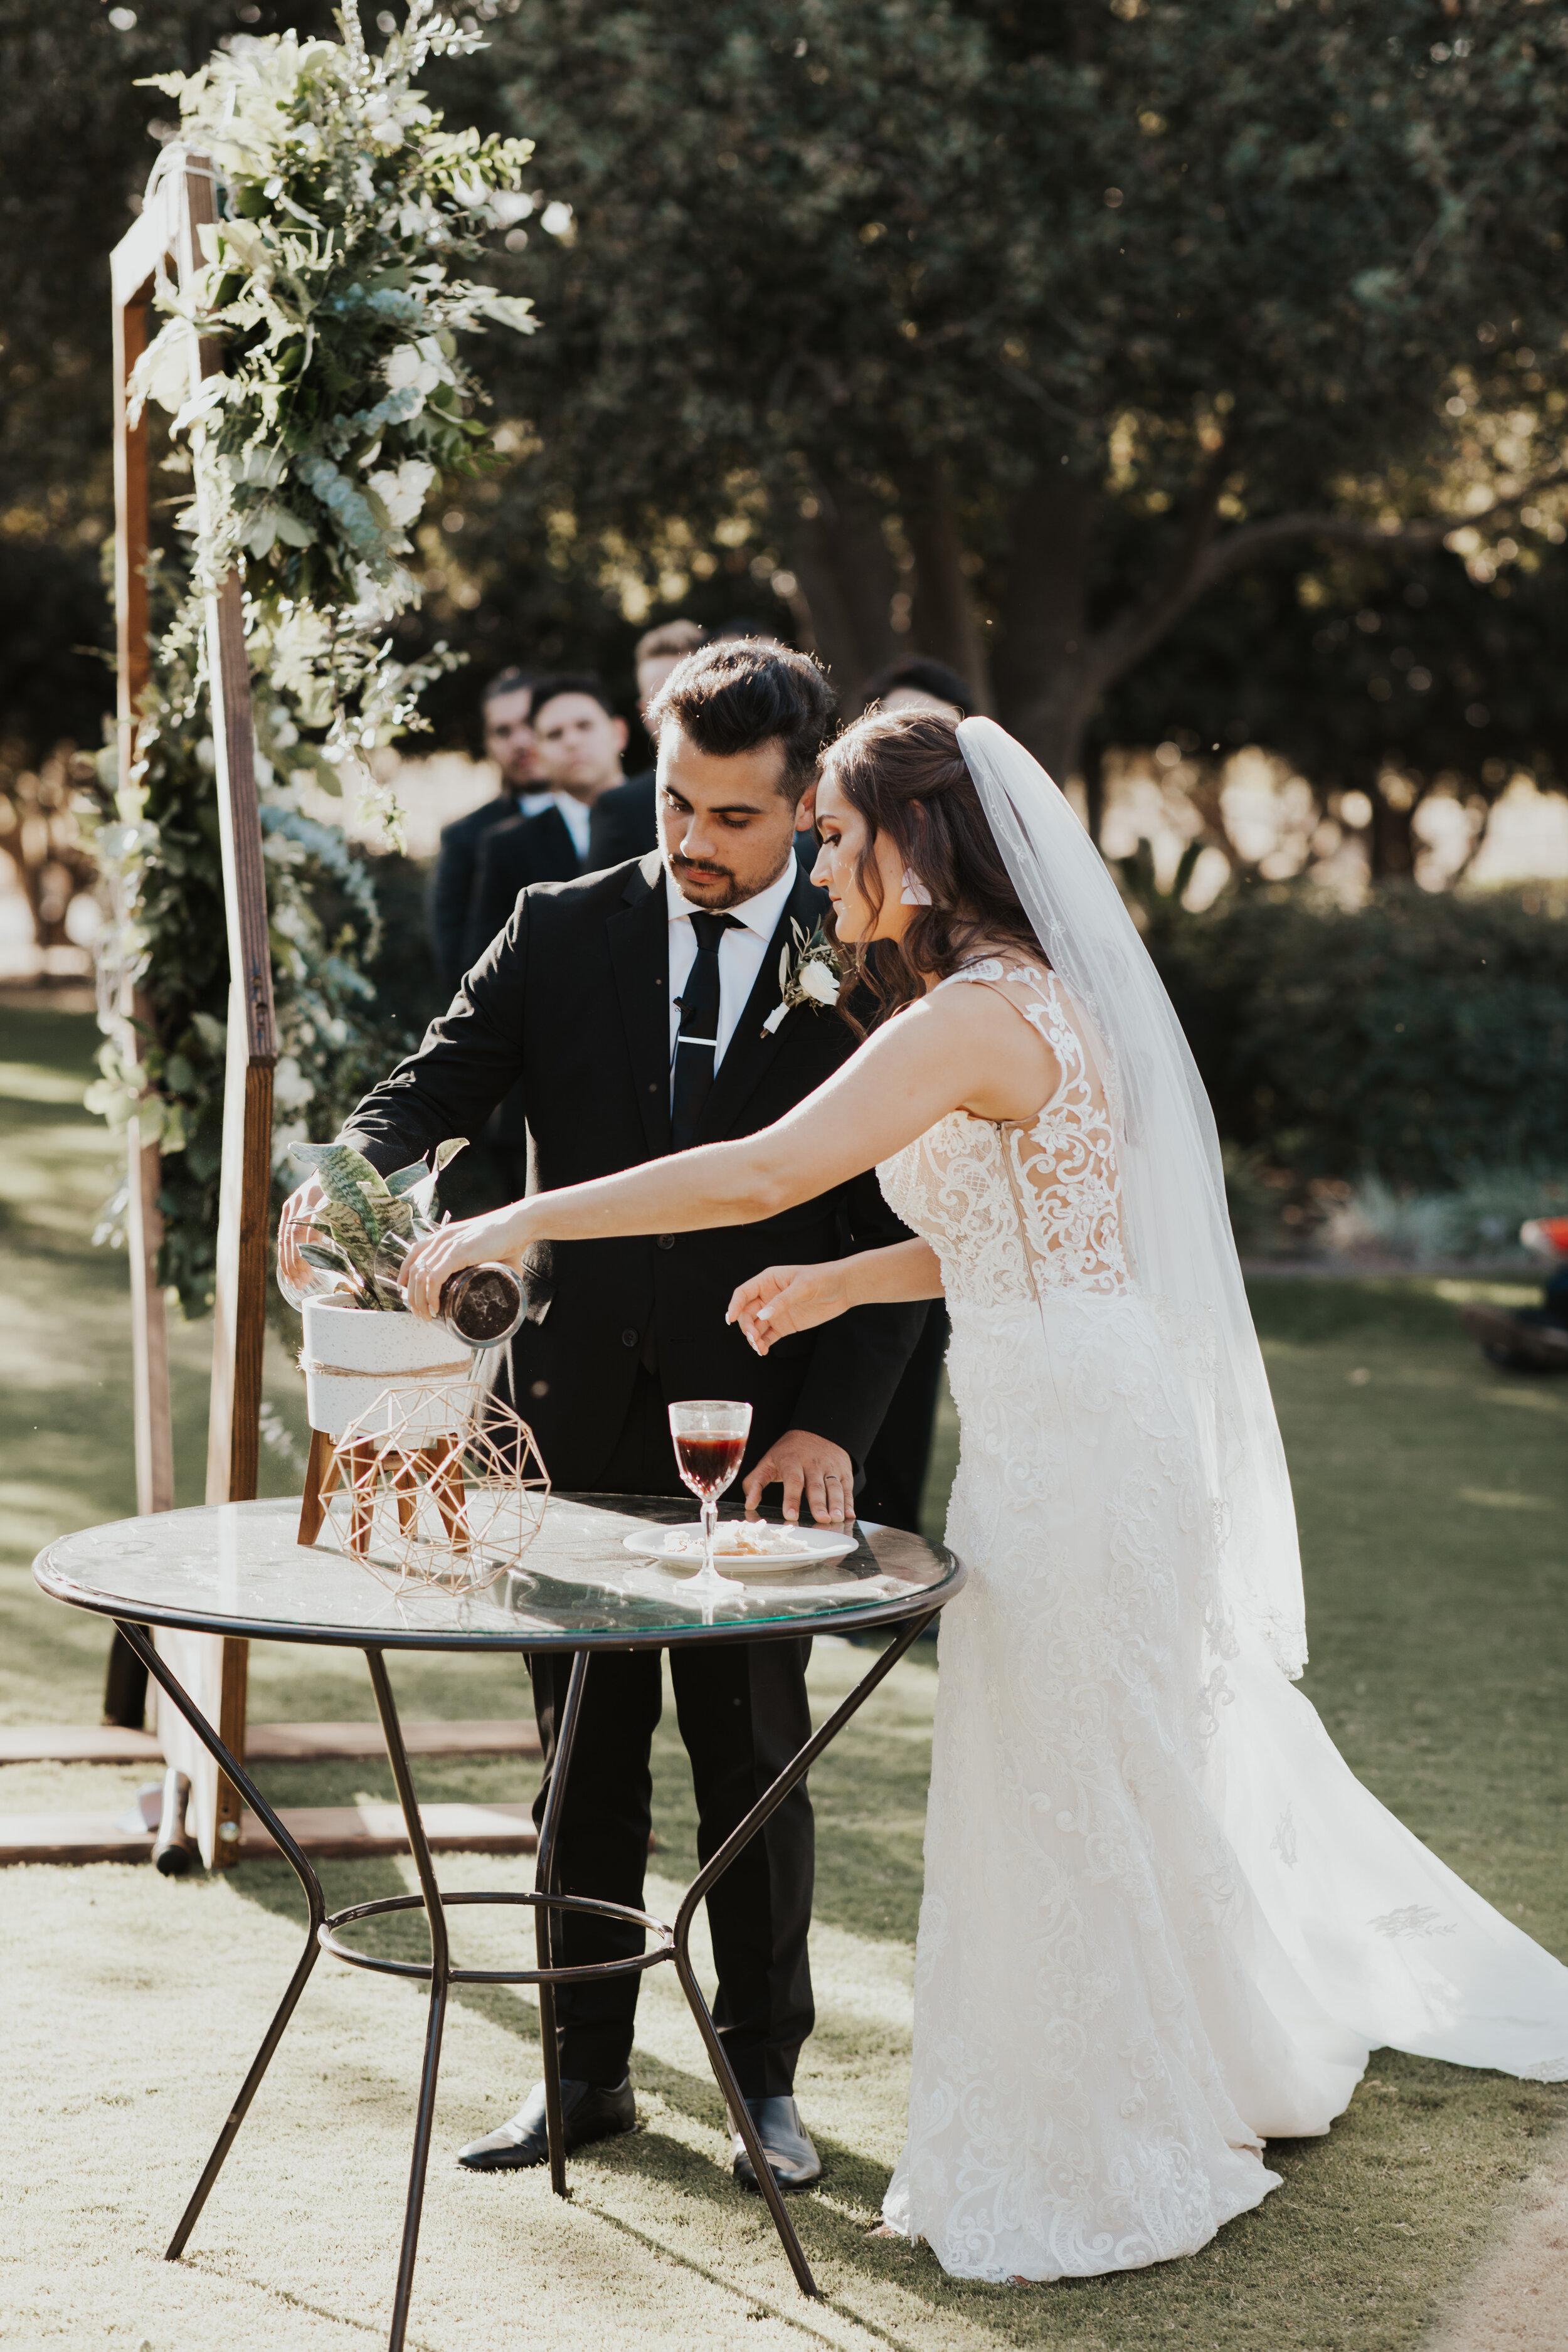 Emilee-Michael-Wedding-Tuscan-Gardens-Kingsburg-Central-Valley-California-SNEAK-PEEK-40.jpg